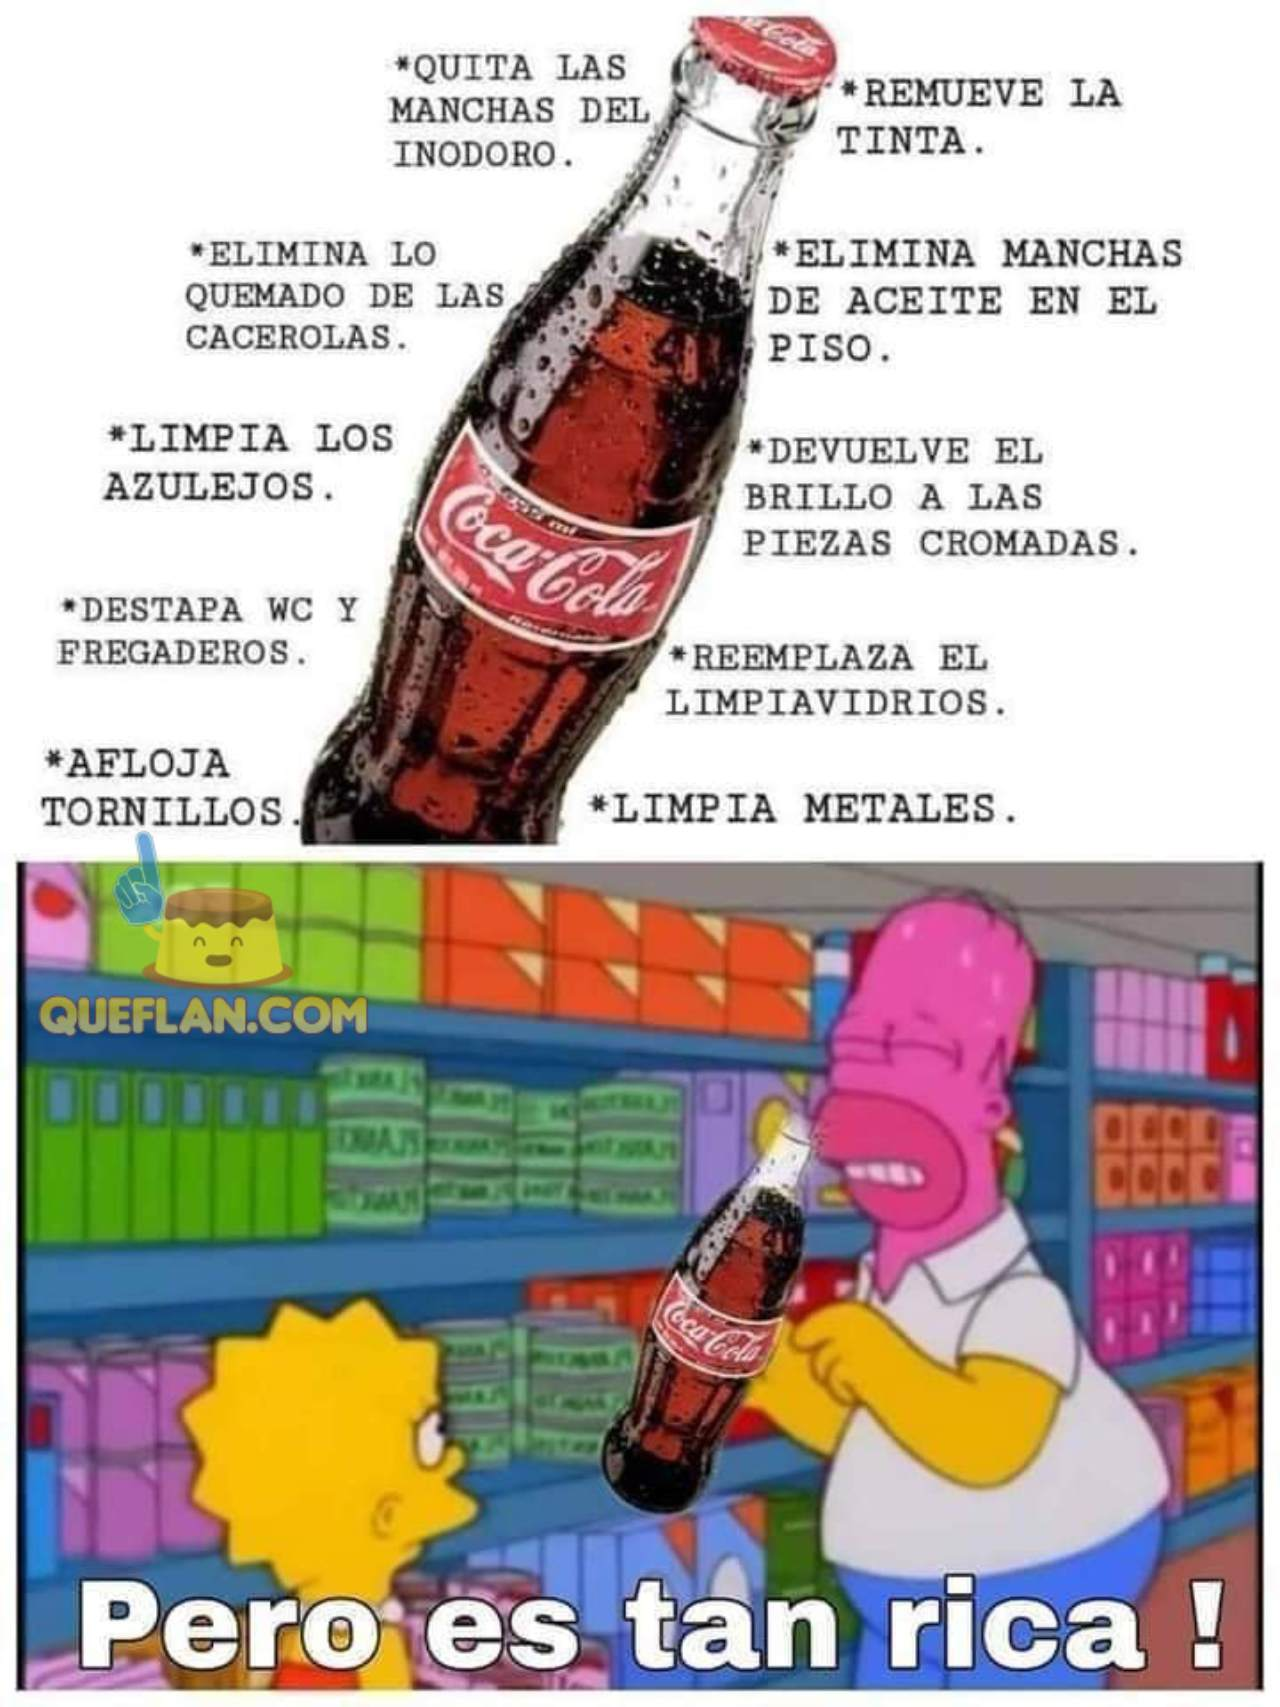 usos Coca cola utensilios meme